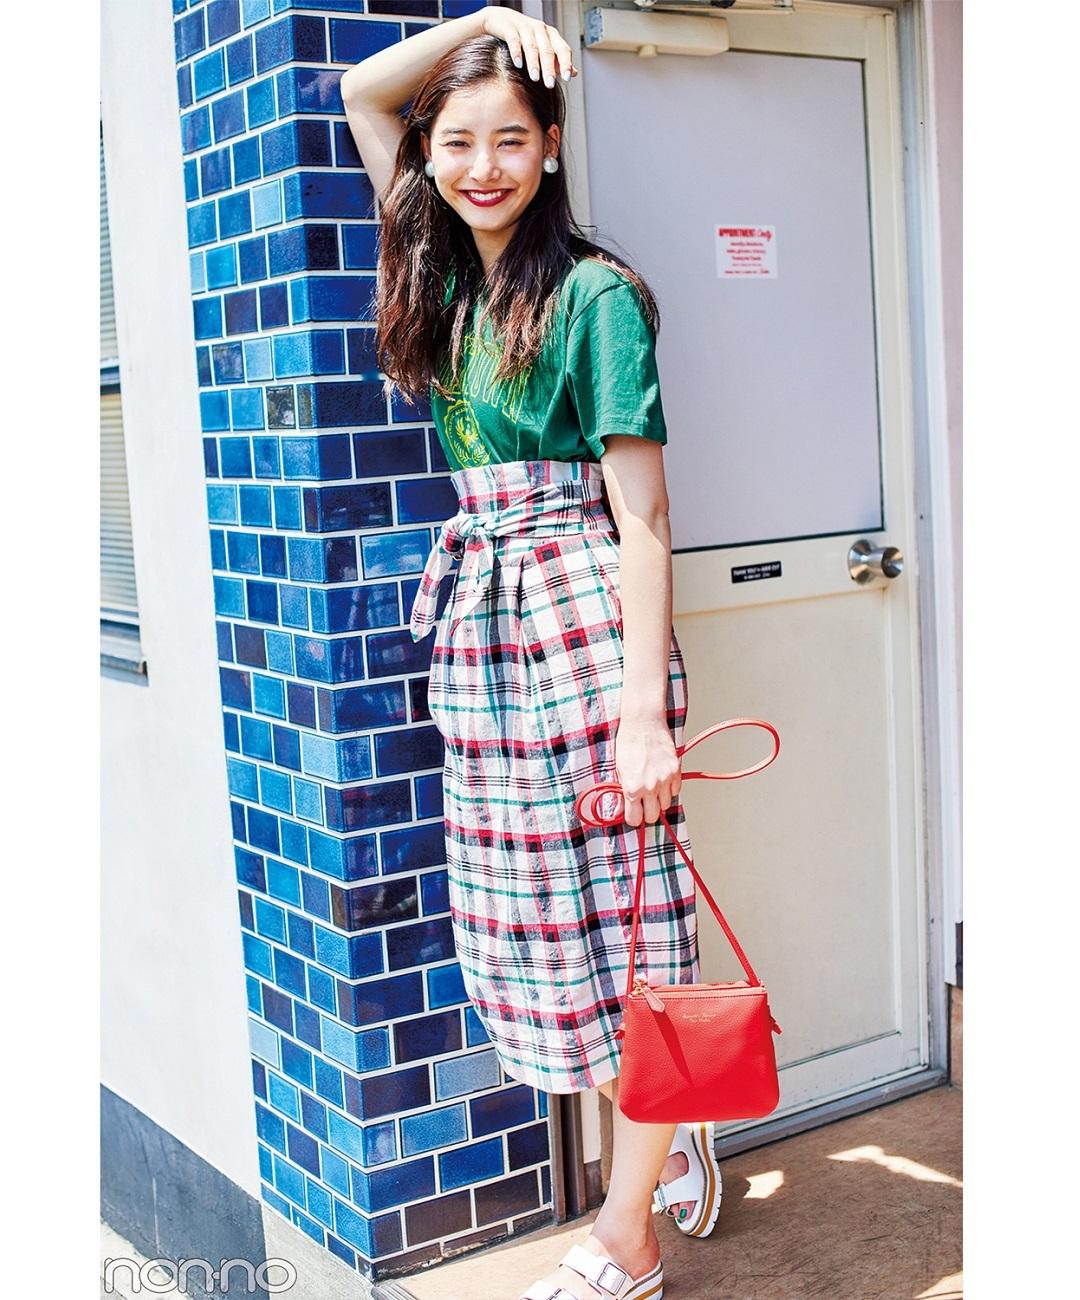 【夏のTシャツコーデ】木優子は、チェック柄タイトと赤バッグで派手に盛って個性を発揮!